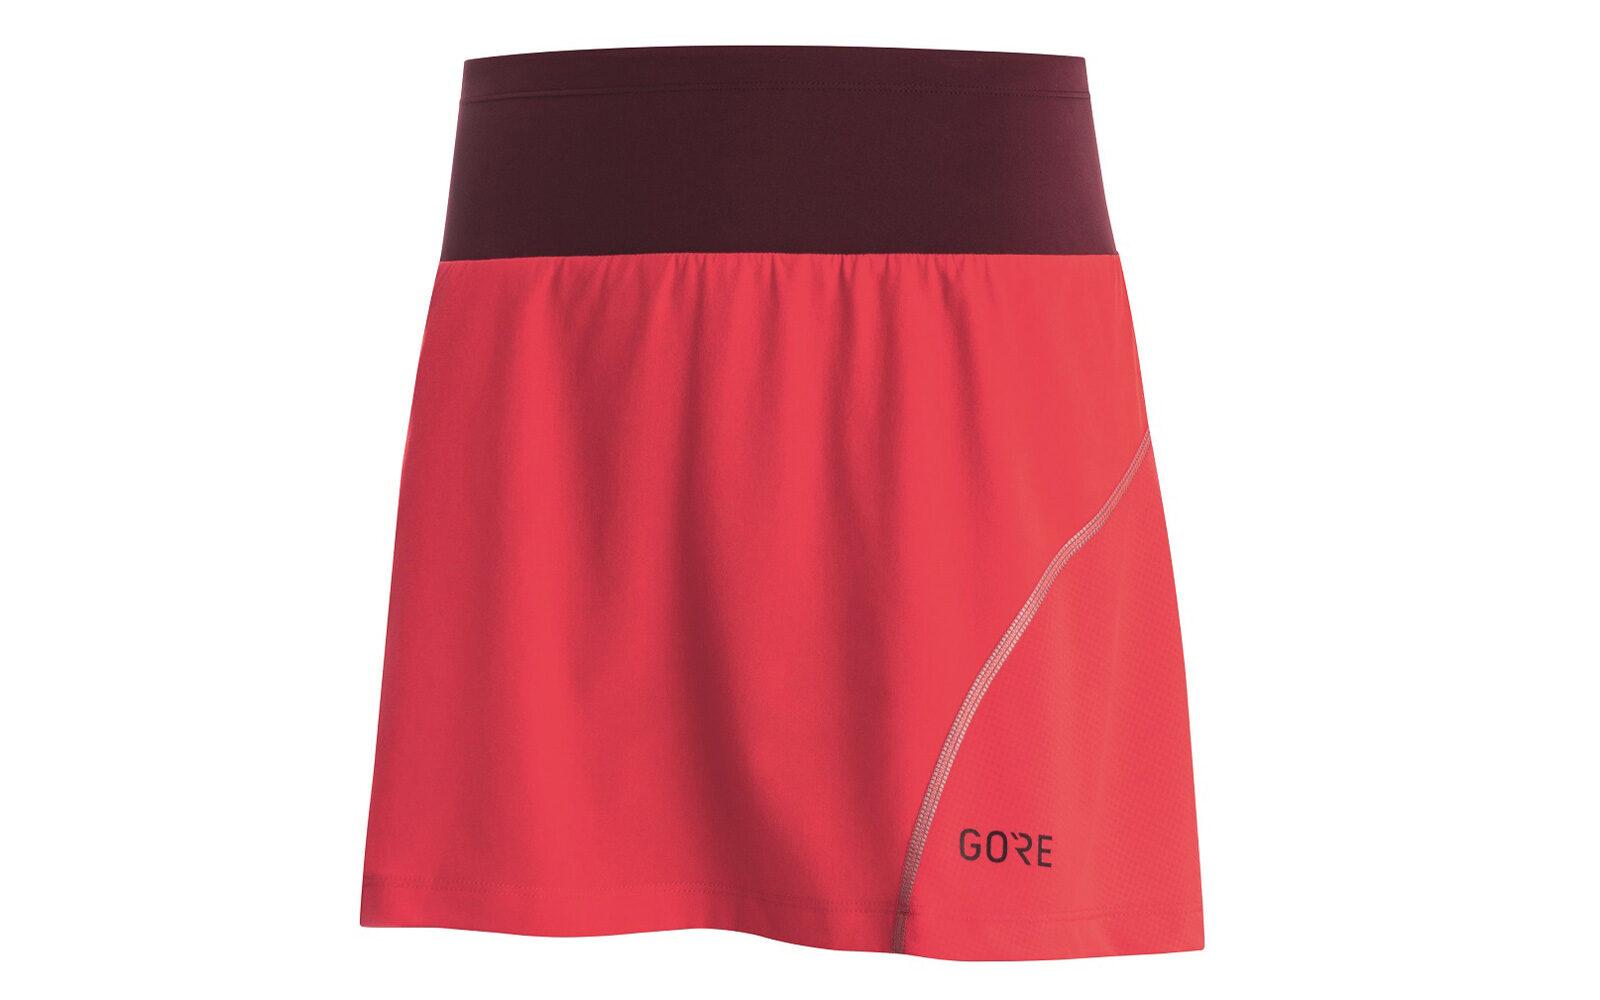 Gore Wear R7 gonna, massima libertà di movimento, tessuto traspirante, chiusura con coulisse, dettagli riflettenti, nasconde dei tight a leggera compressione per i muscoli. Euro 69,95